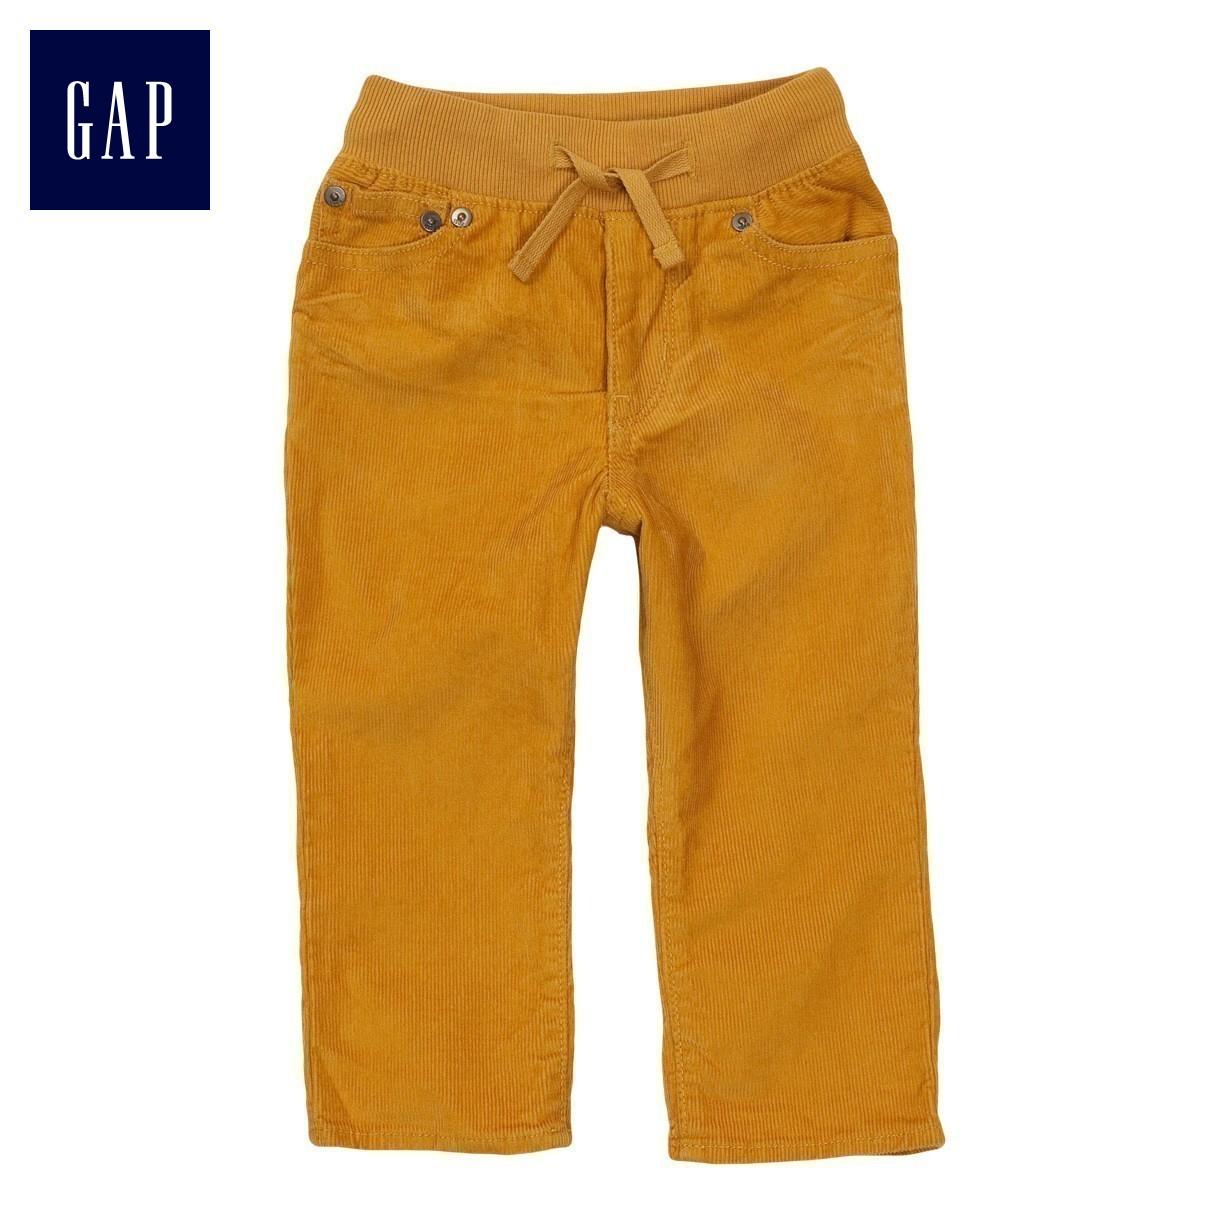 детские штаны GAP 000670318/1 Babygap 670318-1 229 GAP Хлопок (95 и выше) Для отдыха % С кулиской на талии